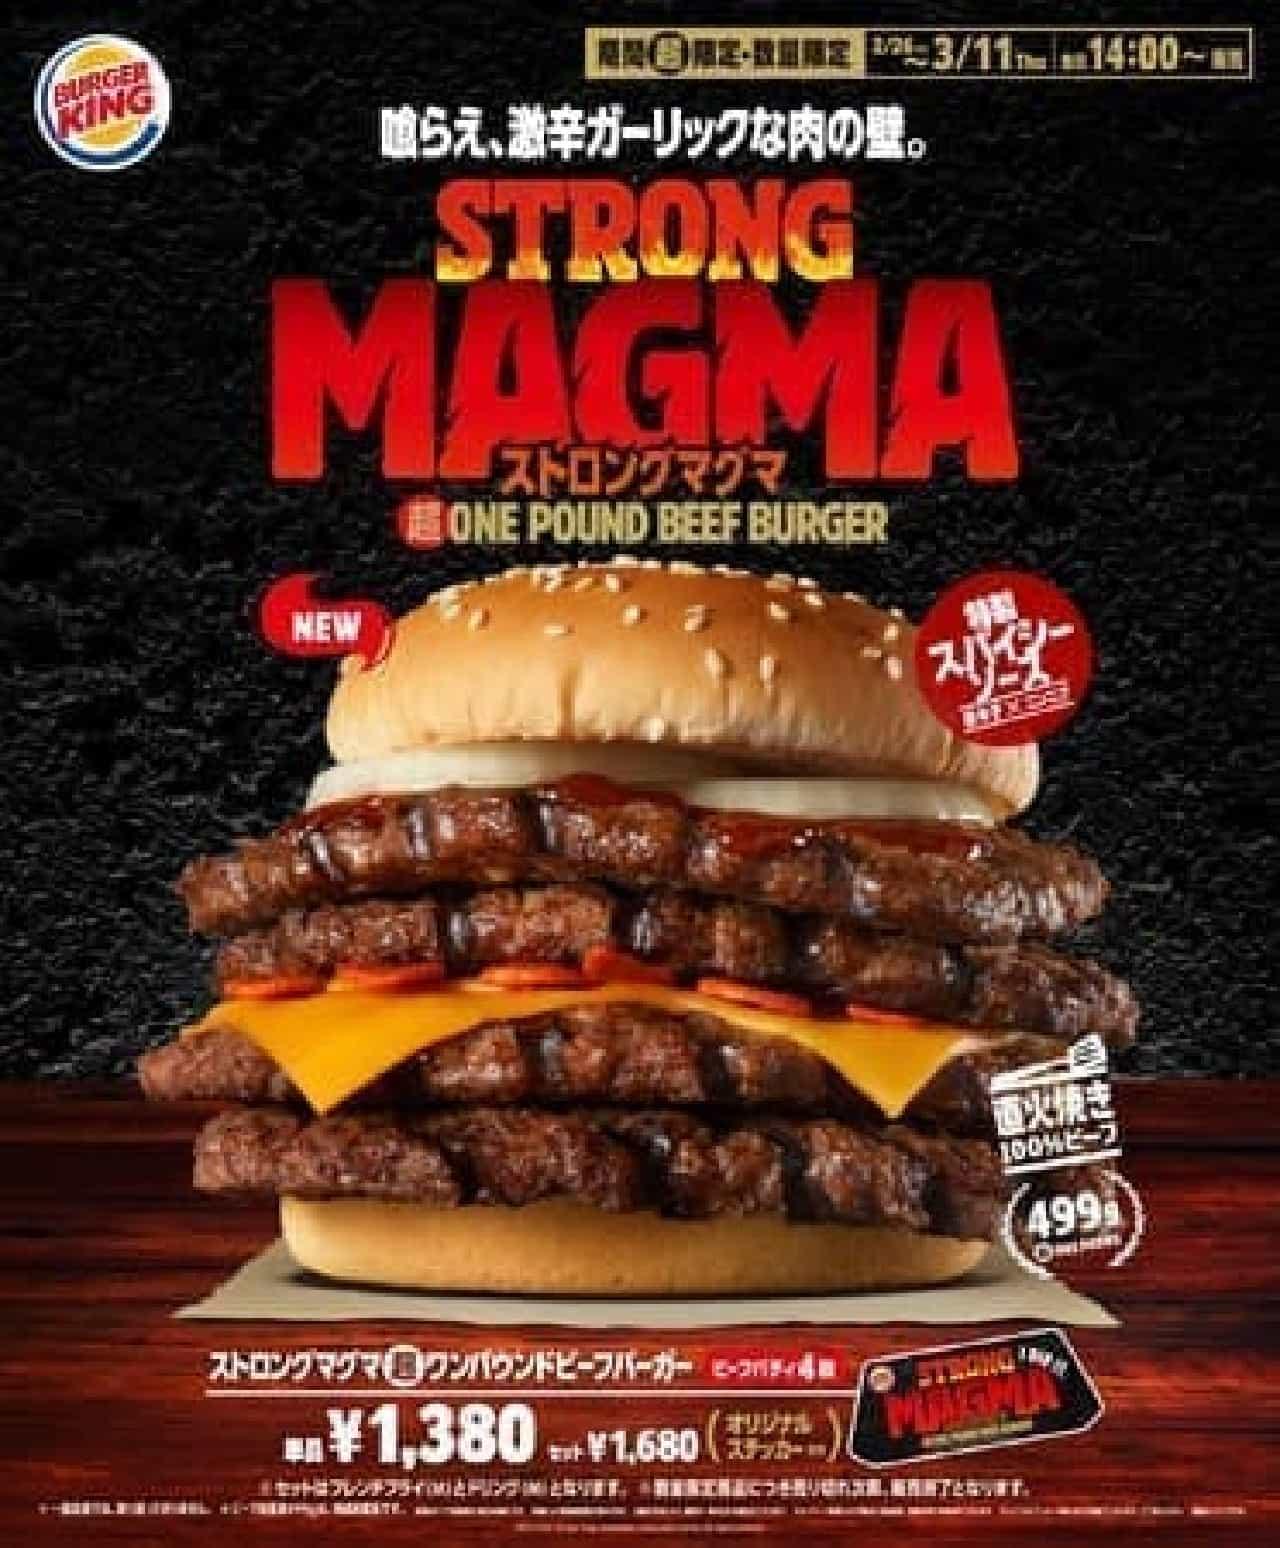 バーガーキング「ストロング マグマ超ワンパウンドビーフバーガー」